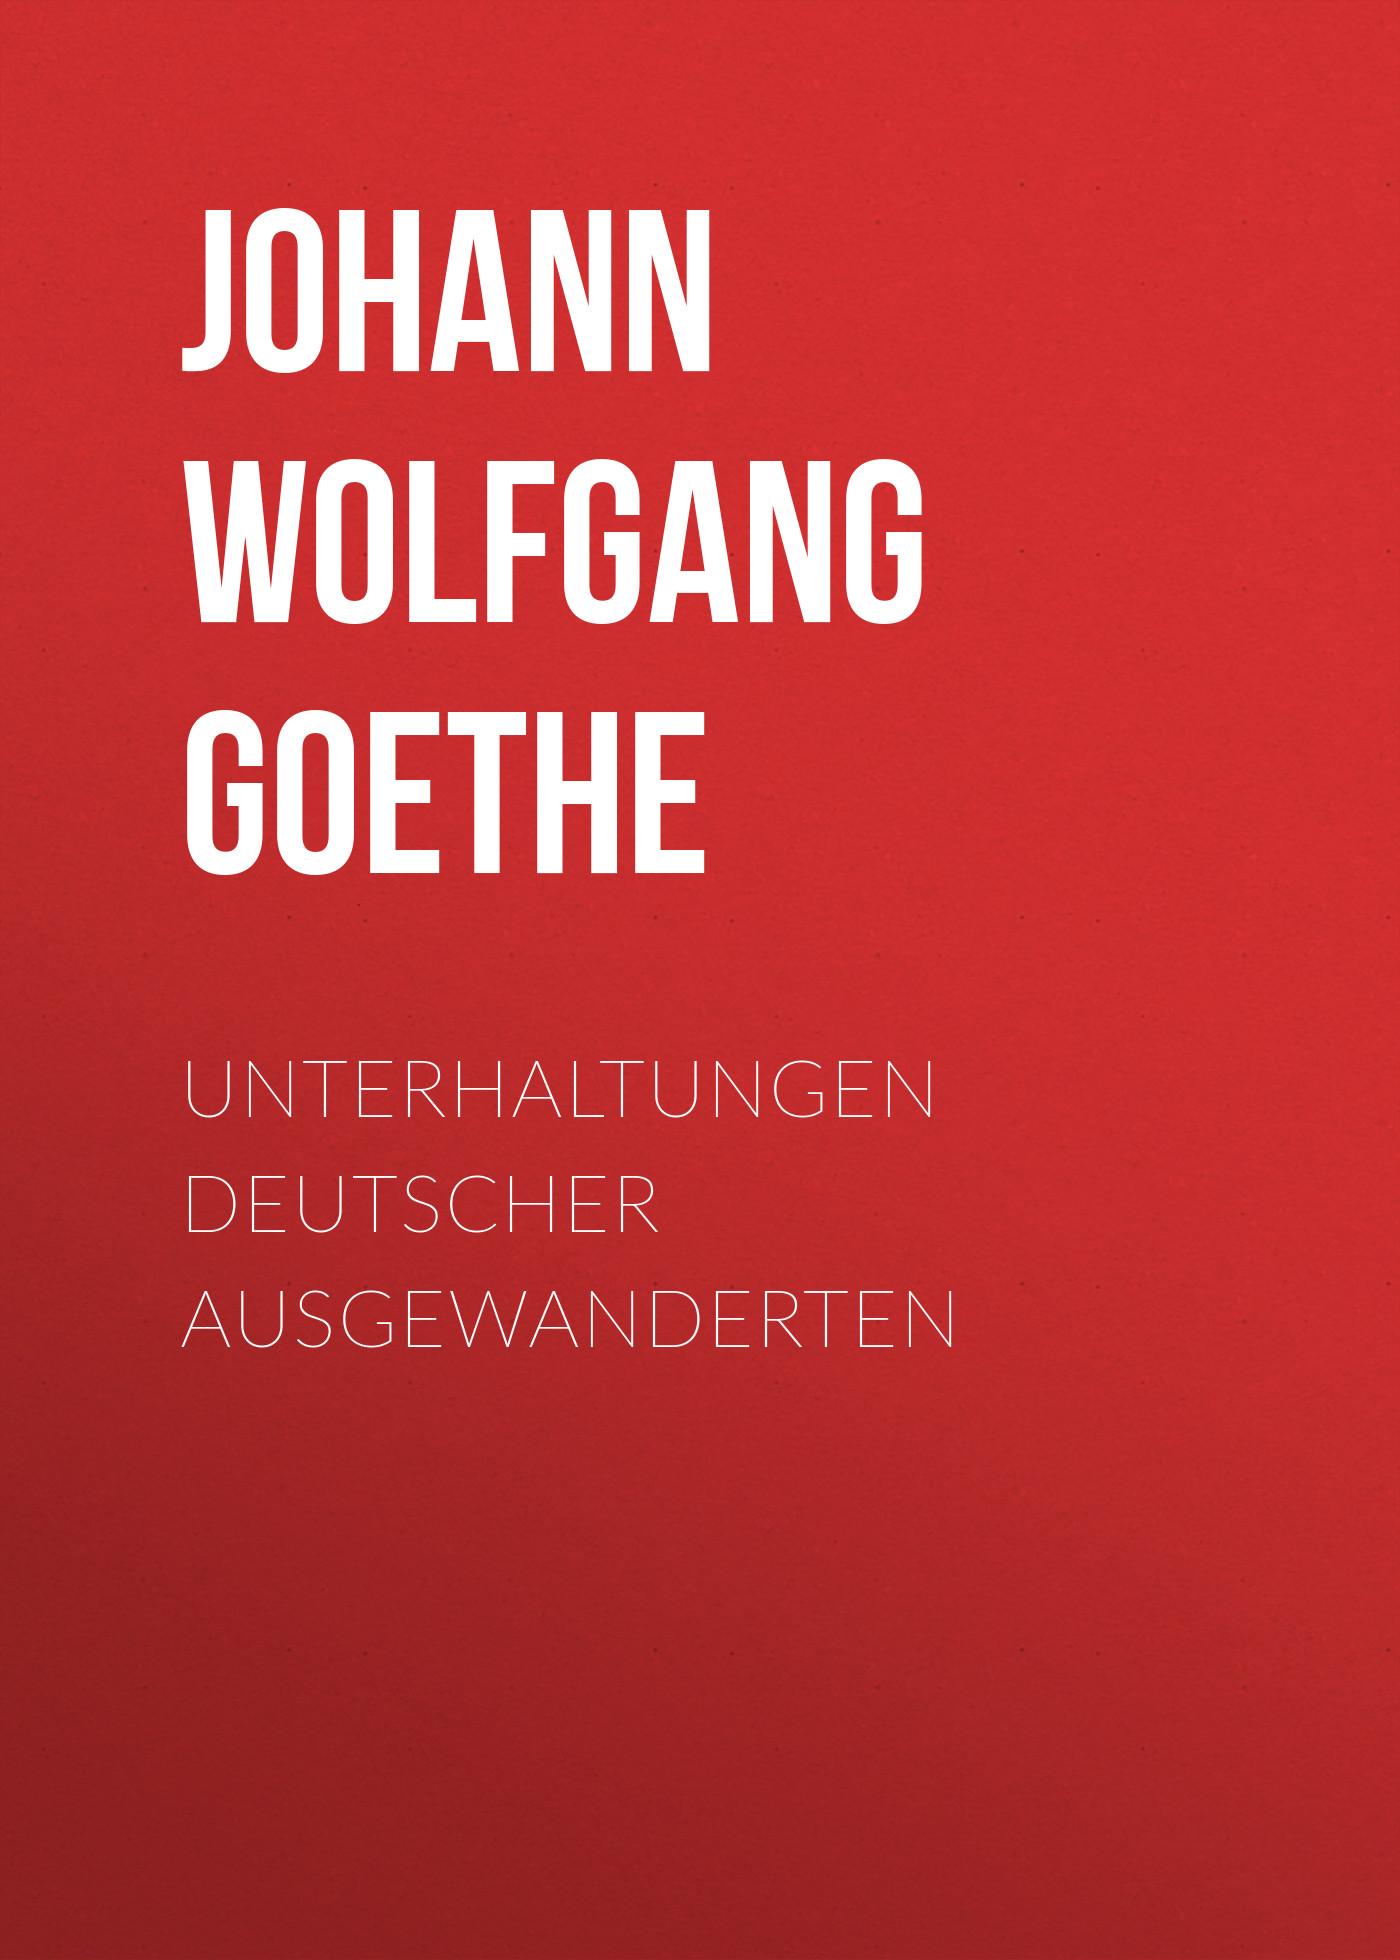 Иоганн Вольфганг фон Гёте Unterhaltungen deutscher Ausgewanderten иоганн вольфганг фон гёте прометей